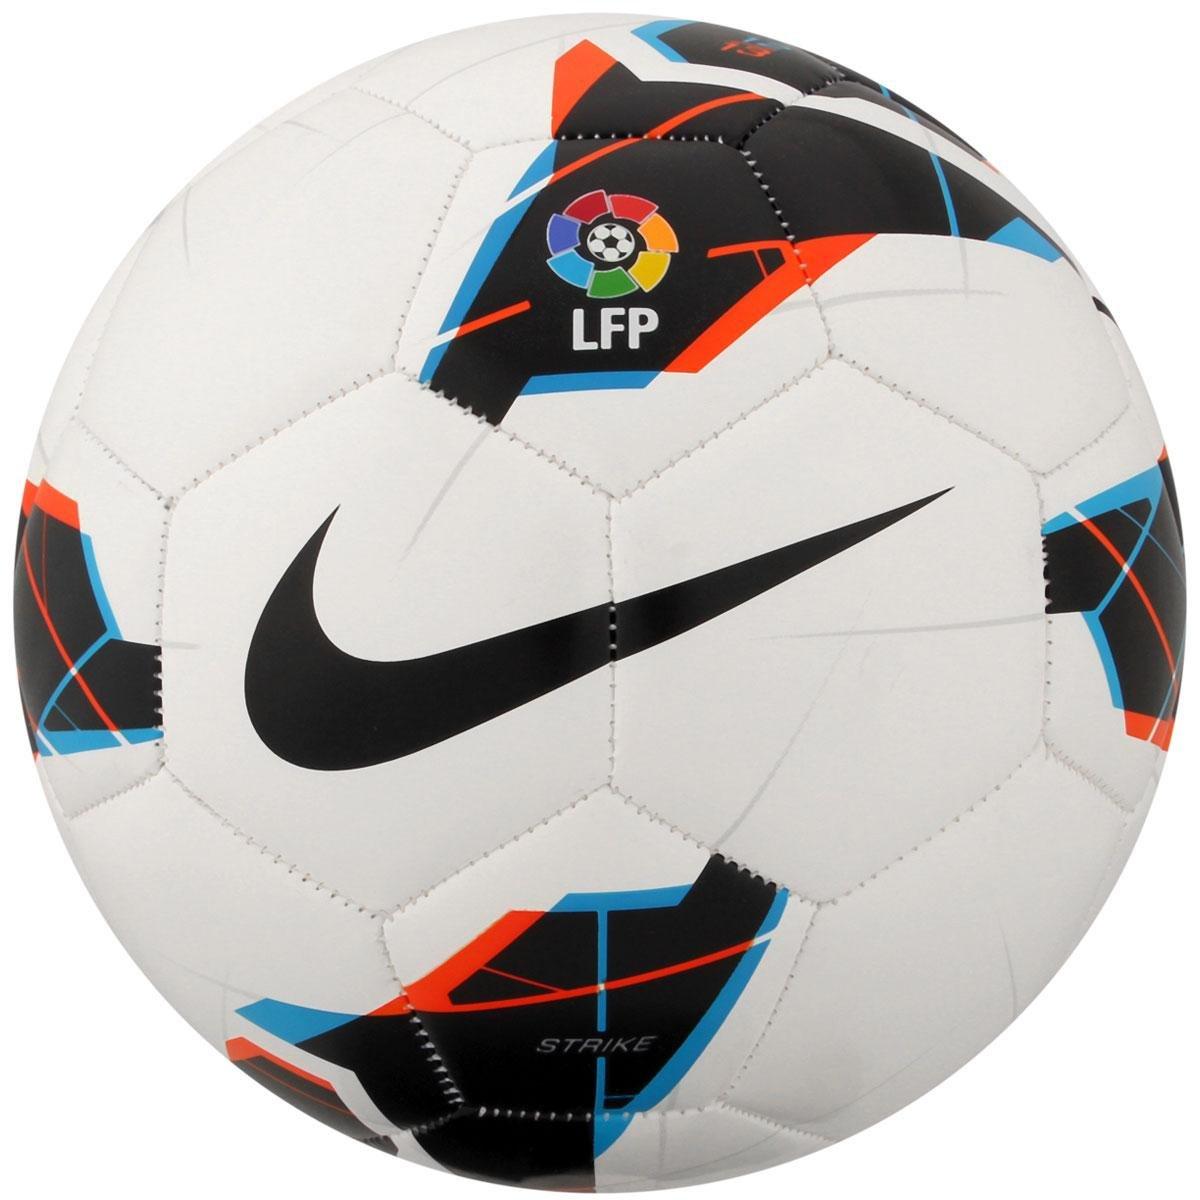 bc5d5953d5 Bola Futebol Nike Strike LFP Campo - Compre Agora